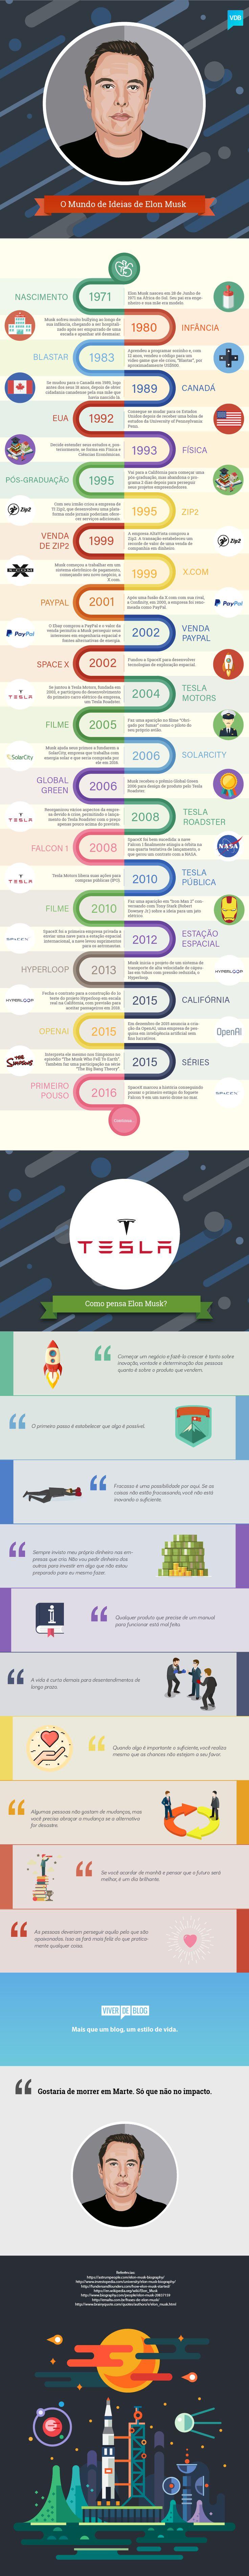 Conheça e se inspire pela história de Elon Musk, o homem que está moldando o…